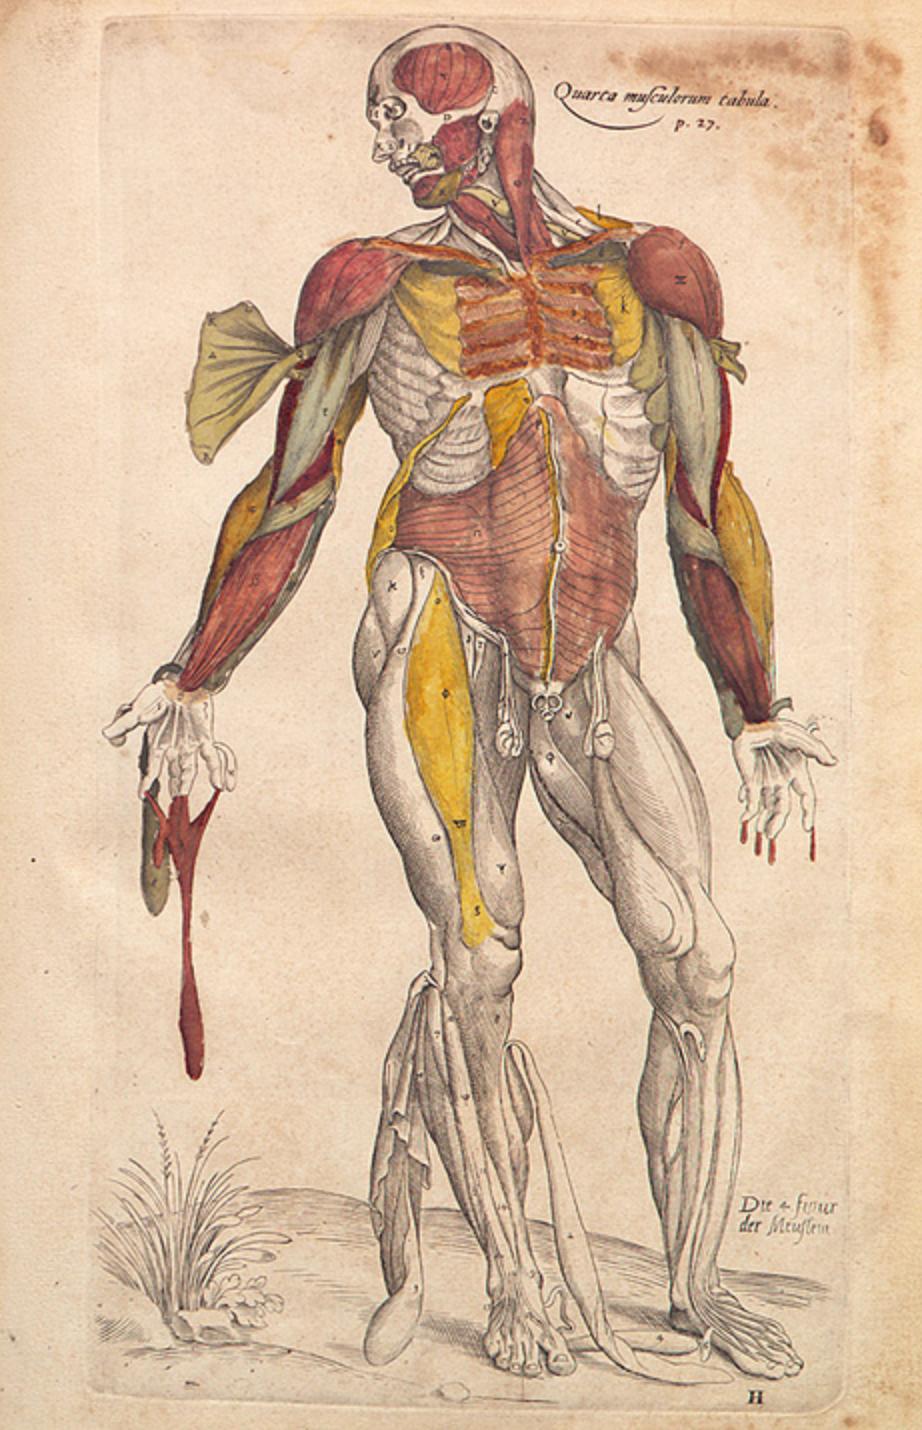 Vesalius illustration